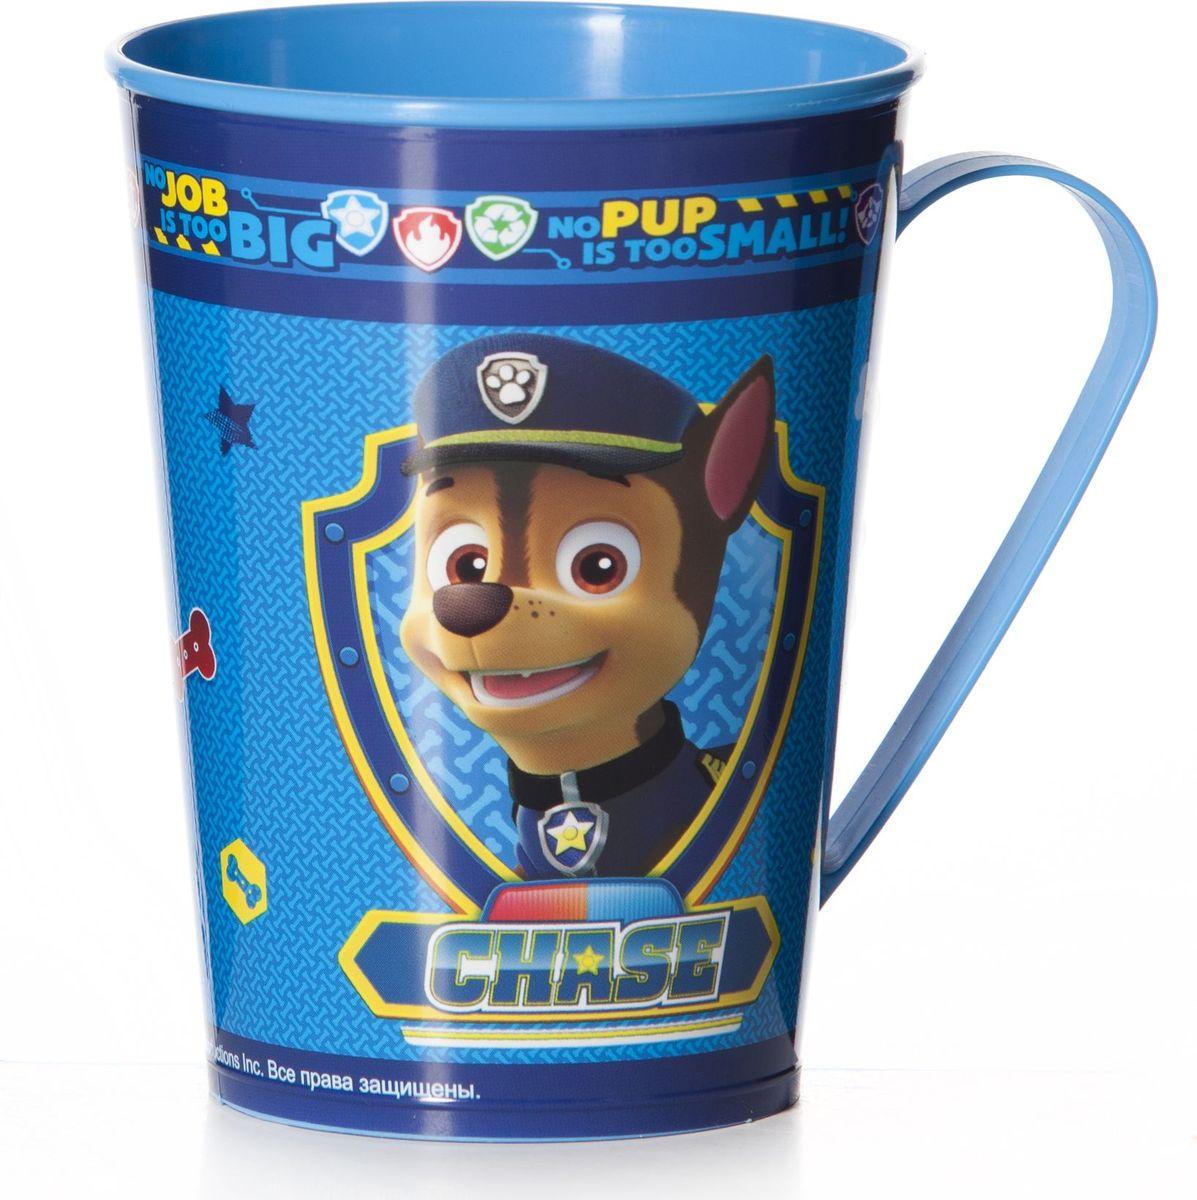 Кружка для мальчиков Альтернатива Щенячий патруль, цвет: синий, 350 мл щенячий патруль часы